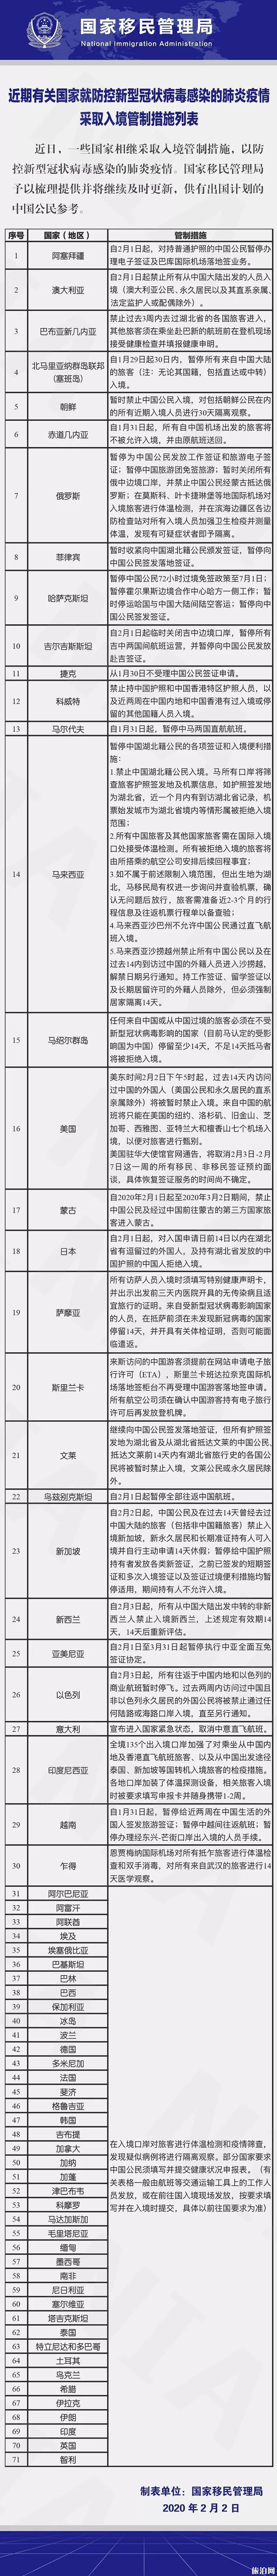 现在有哪些国家限制中国人入境